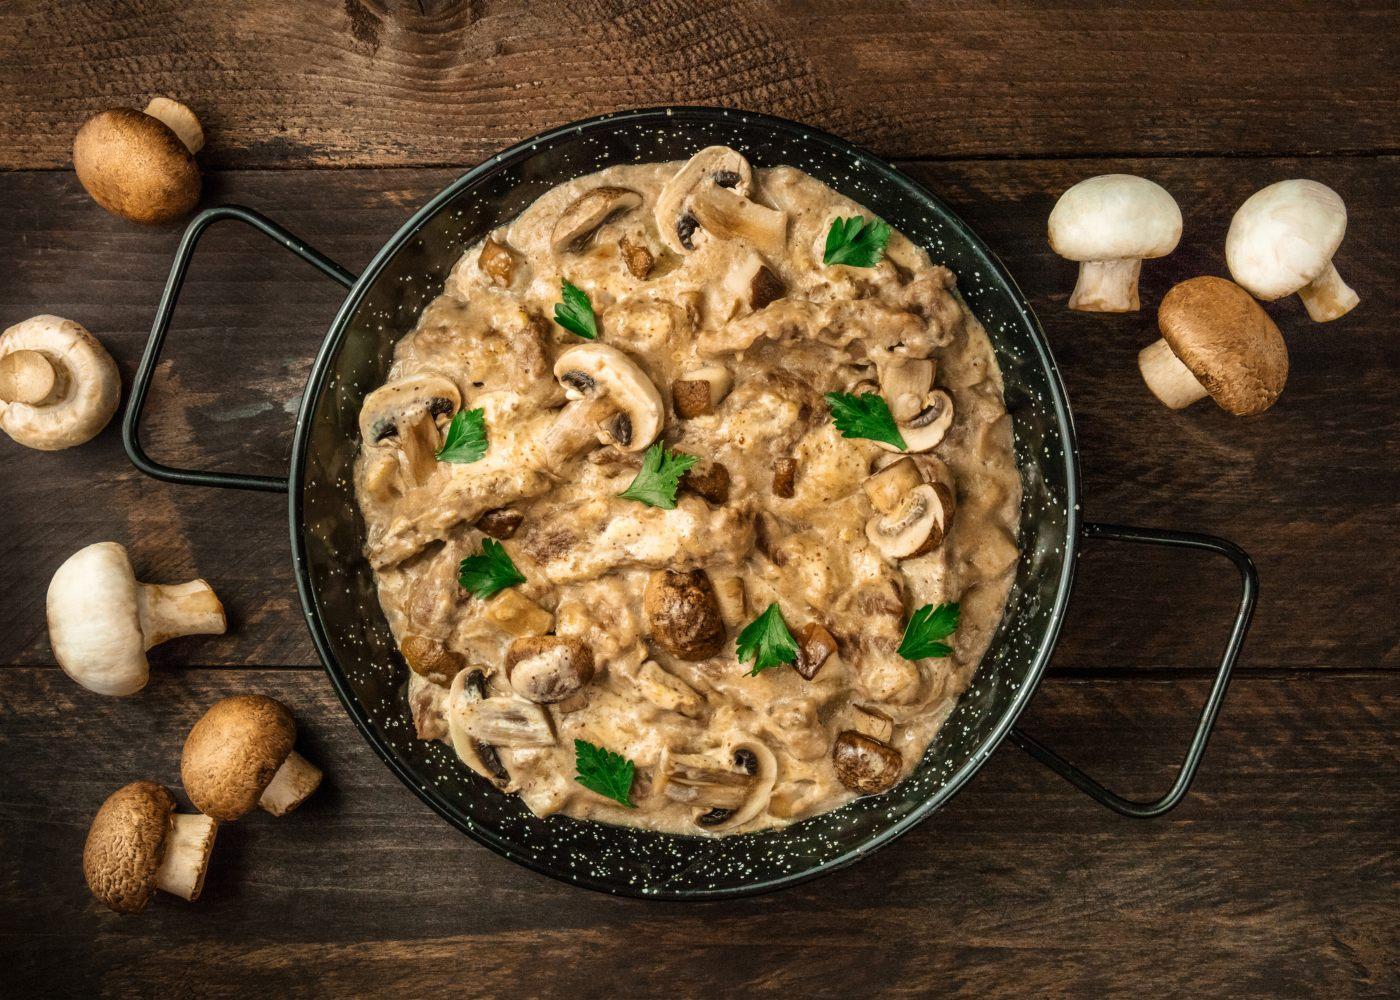 preparar-molho-cogumelos